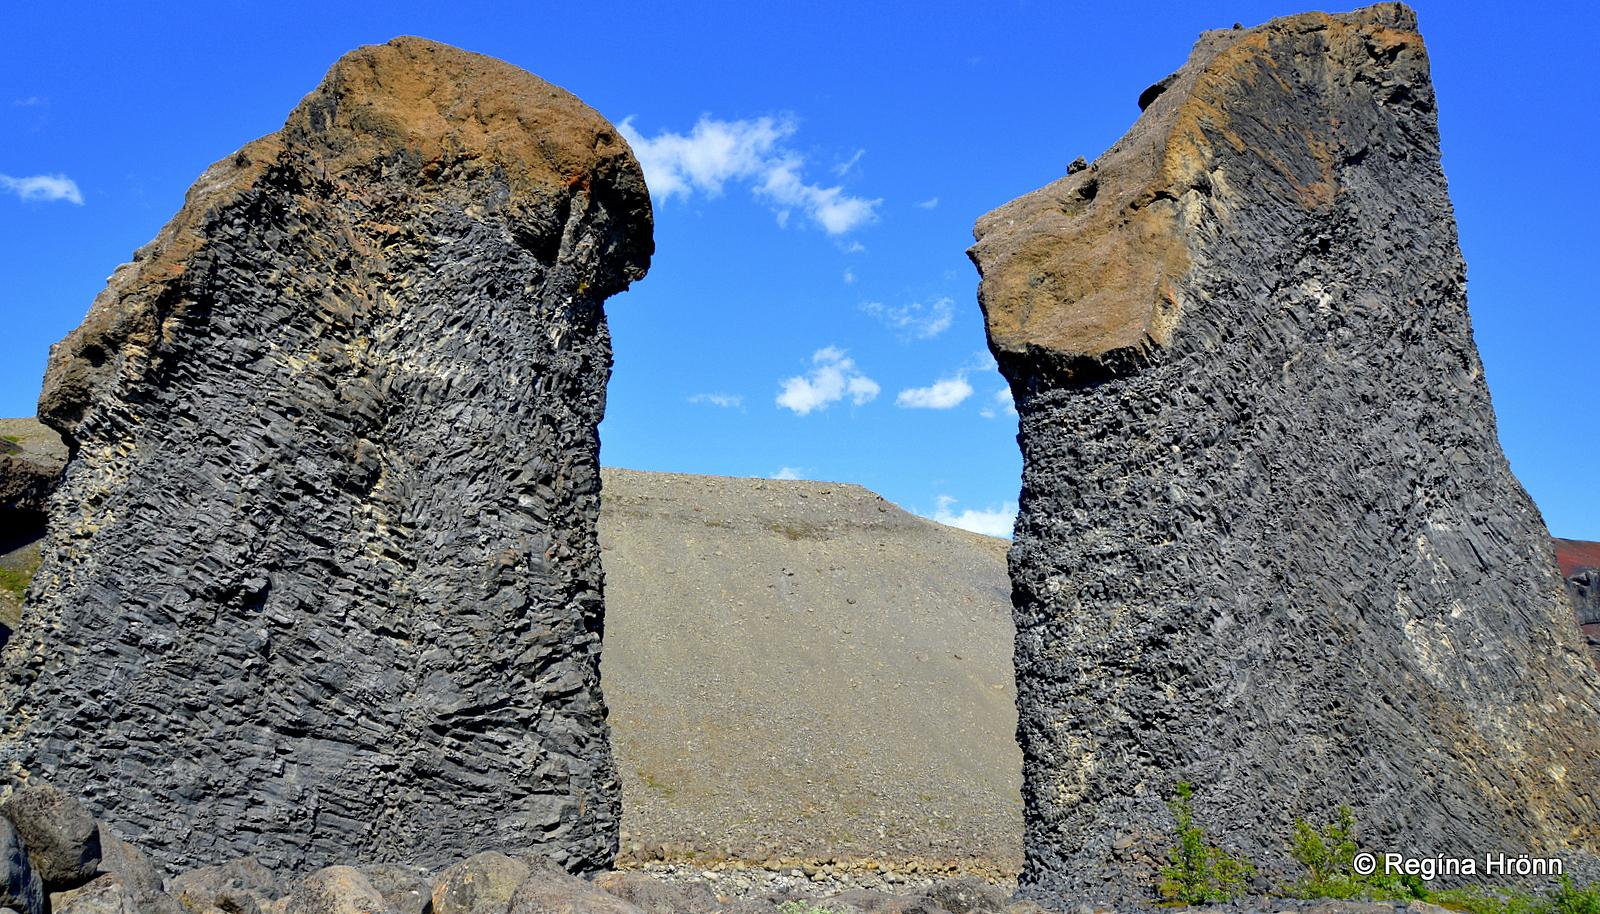 Karl og Kerling trolls in Hljóðaklettar NE-Iceland